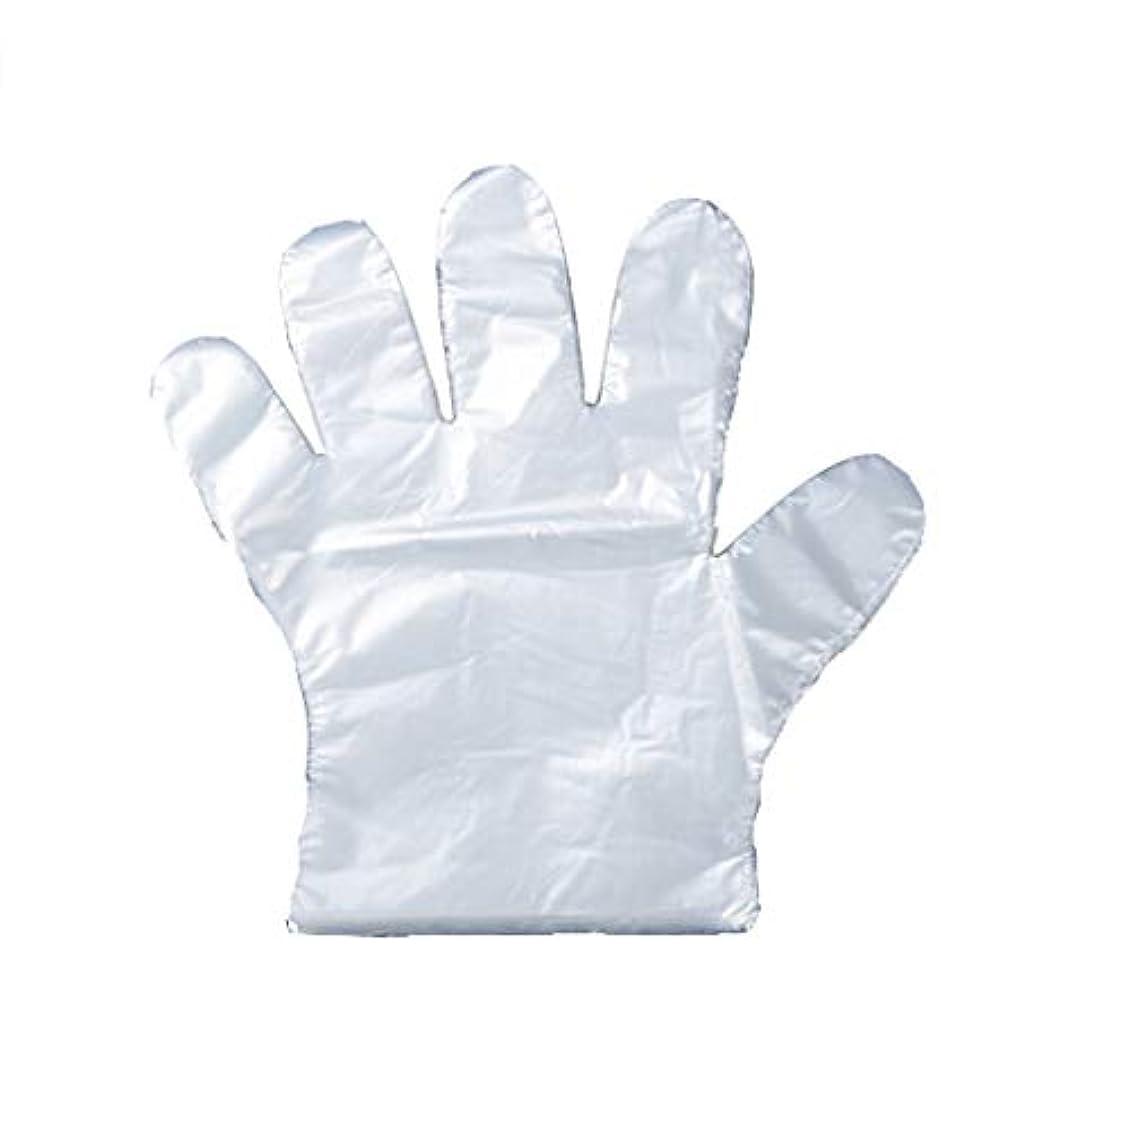 絶滅槍値手袋の使い捨て手袋のフィルム家庭用キッチンの食品は、透明PEプラスチック手袋100パッケージを厚くした (UnitCount : 200)